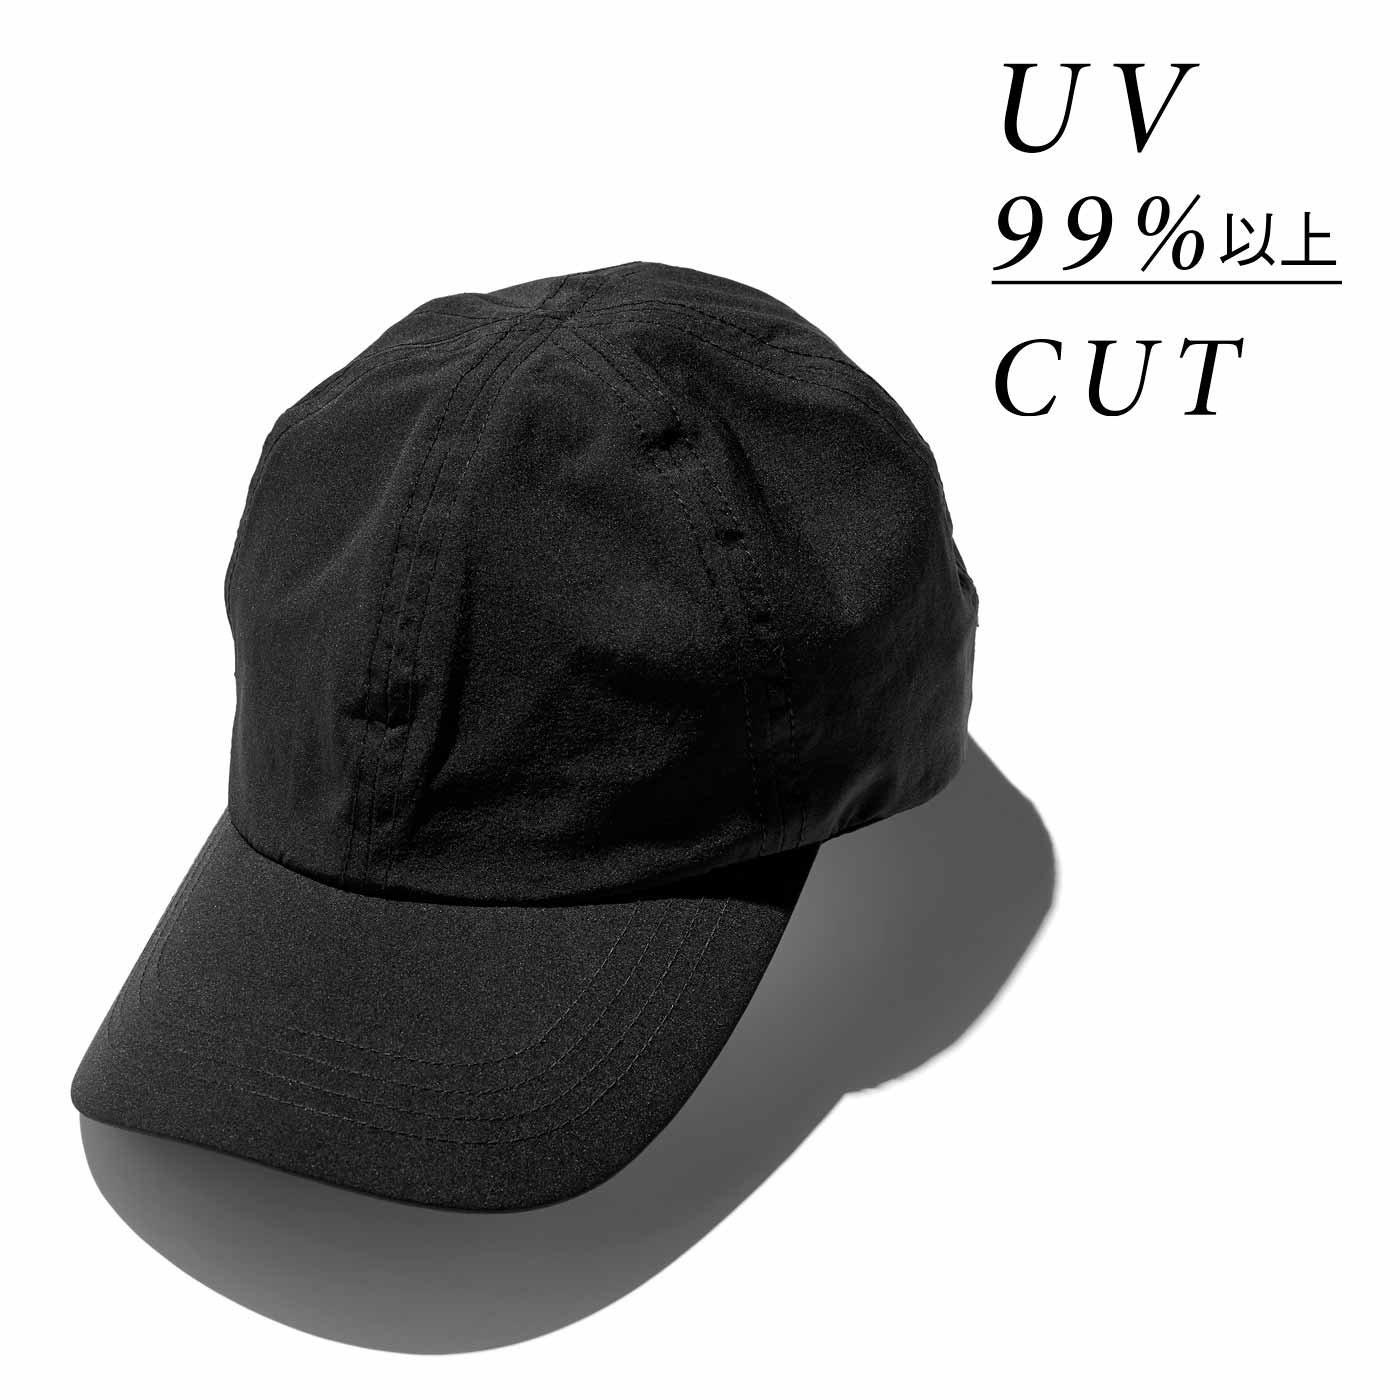 【3~10日でお届け】IEDIT[イディット] 福田麻琴さんコラボ 大人きれいめキャップ〈ブラック〉